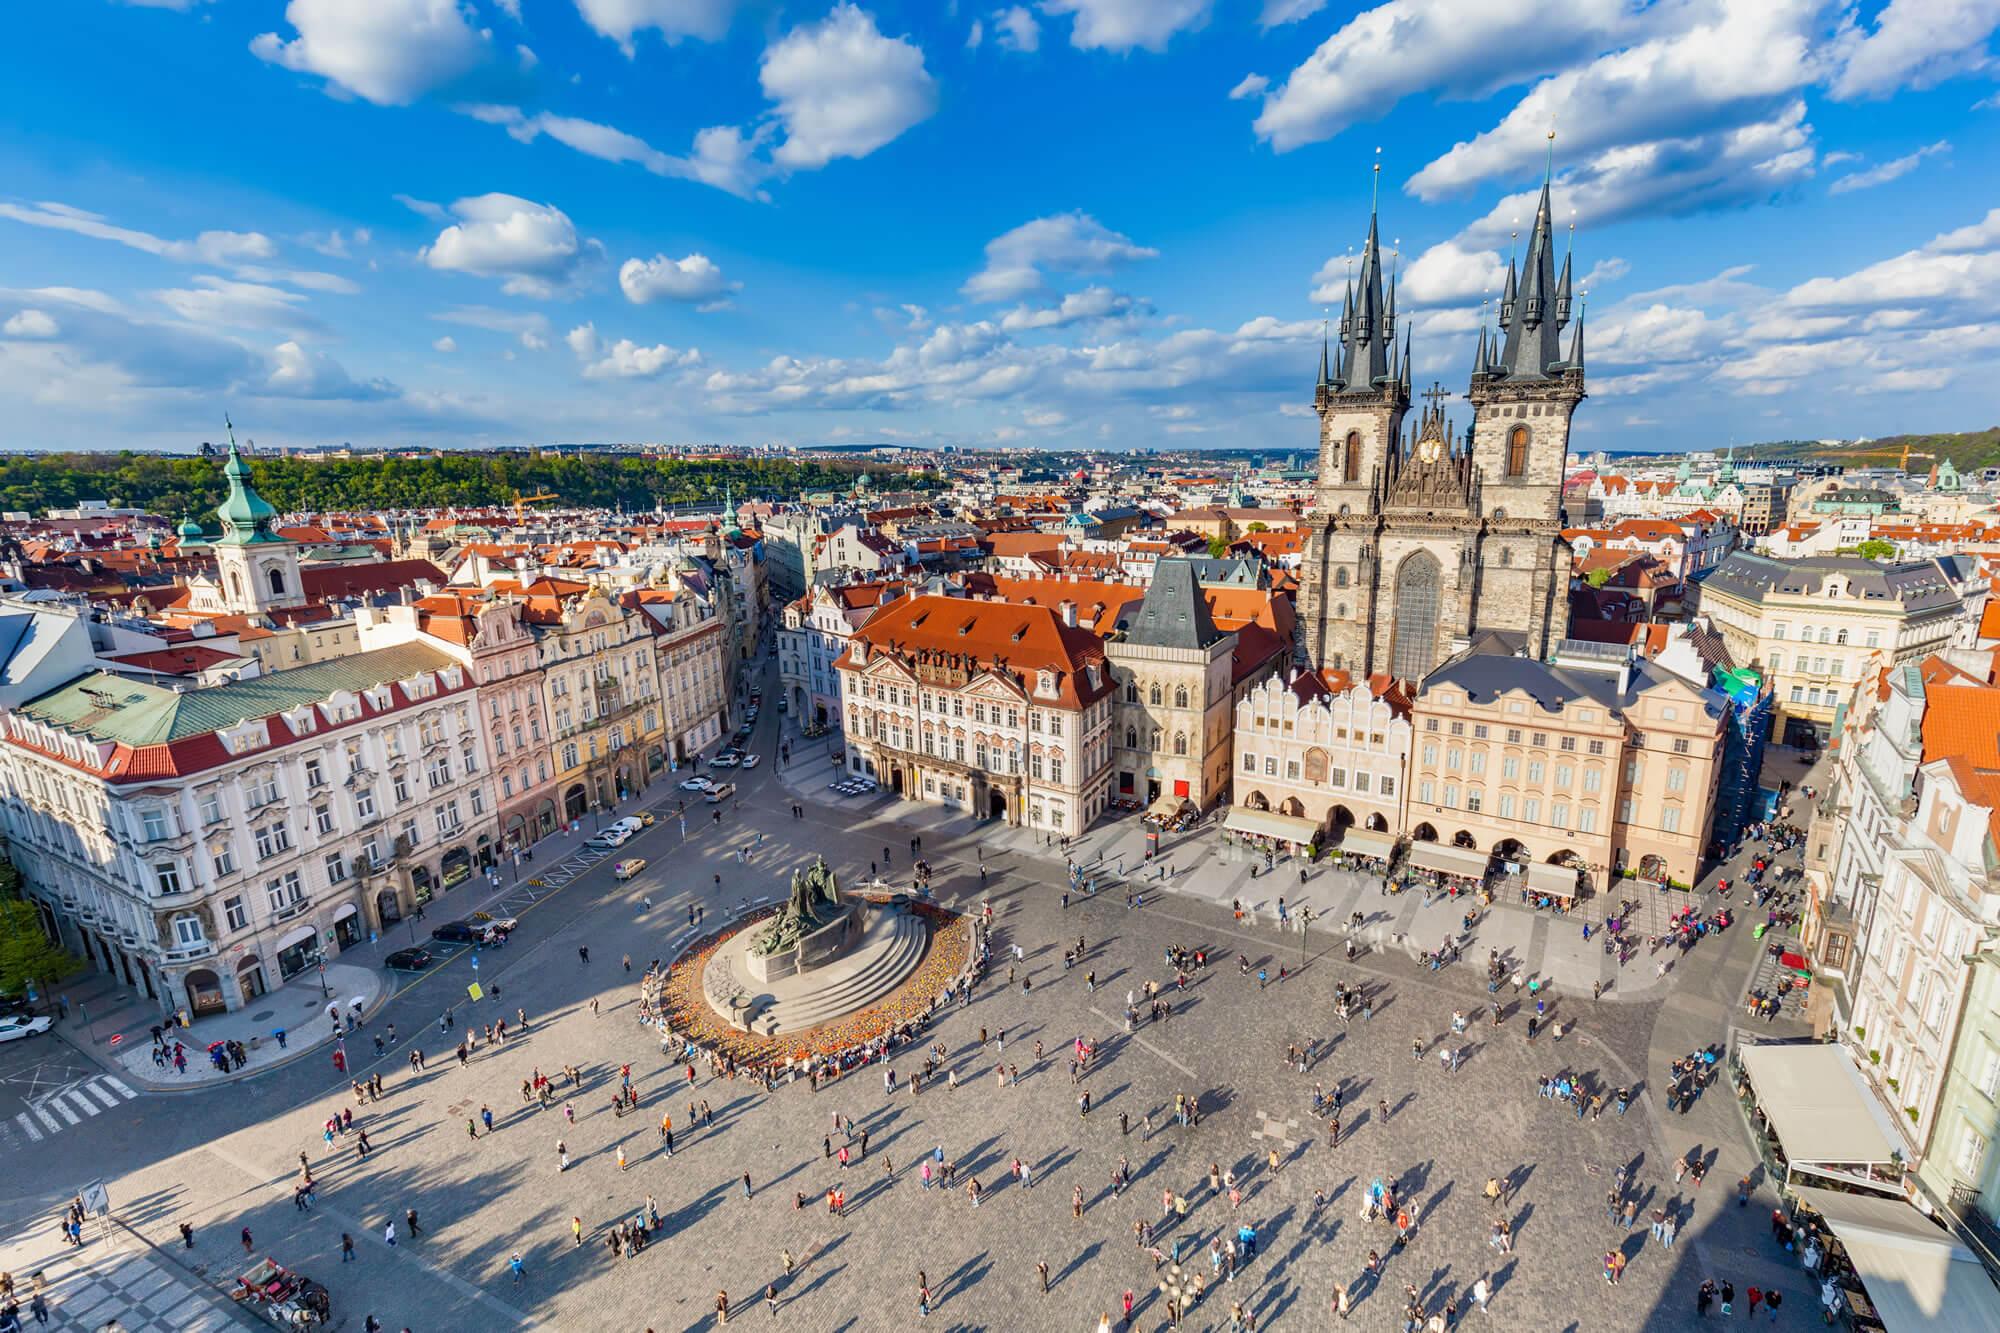 Tyn Church and Jan Hus Memorial, Prague